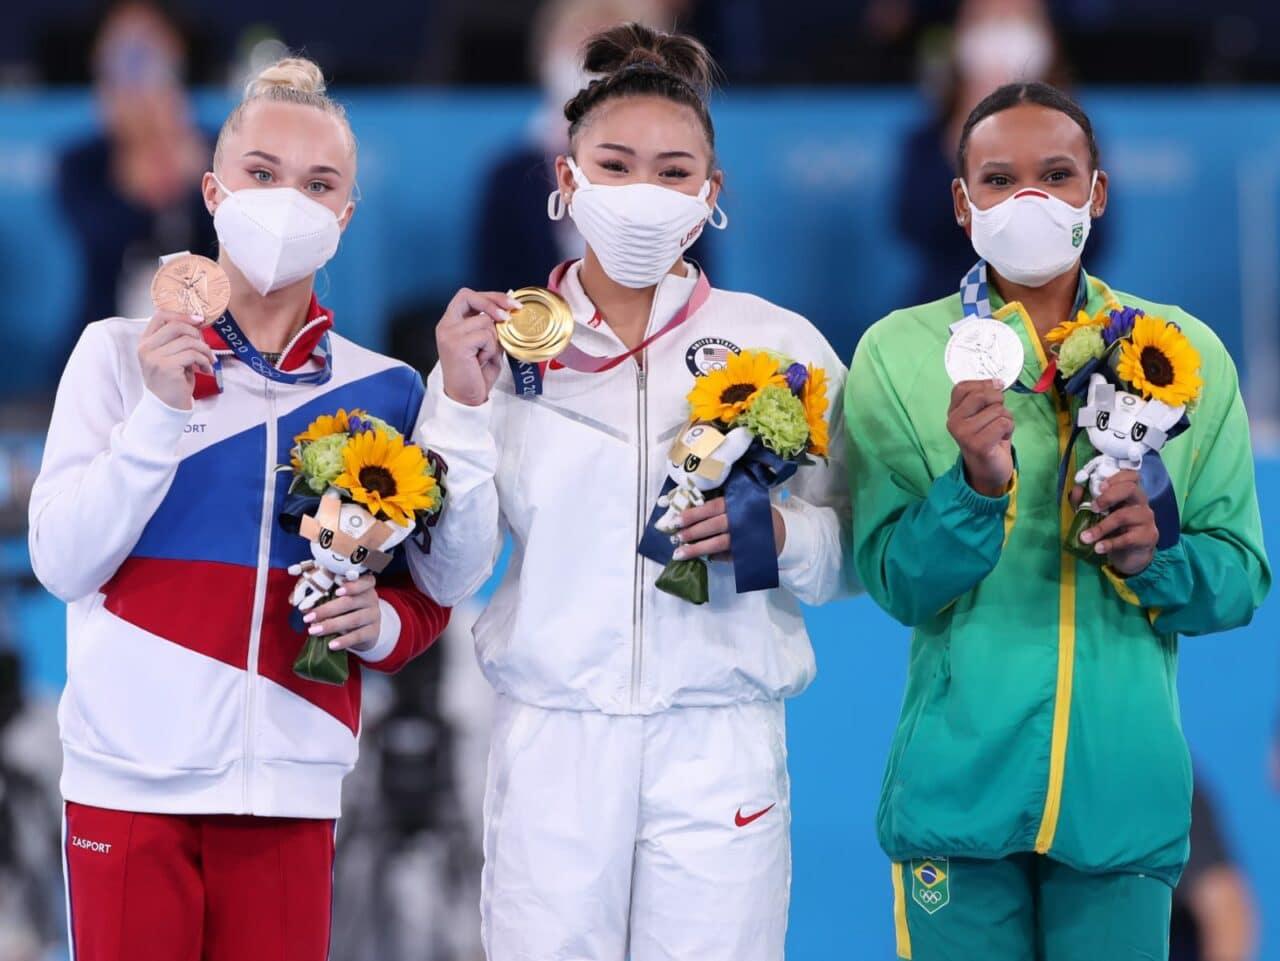 Rebeca Andrade é prata no individual geral nos Jogos Olímpicos de Tóquio 2020 e conquista 1ª medalha da ginástica artística feminina do Brasil